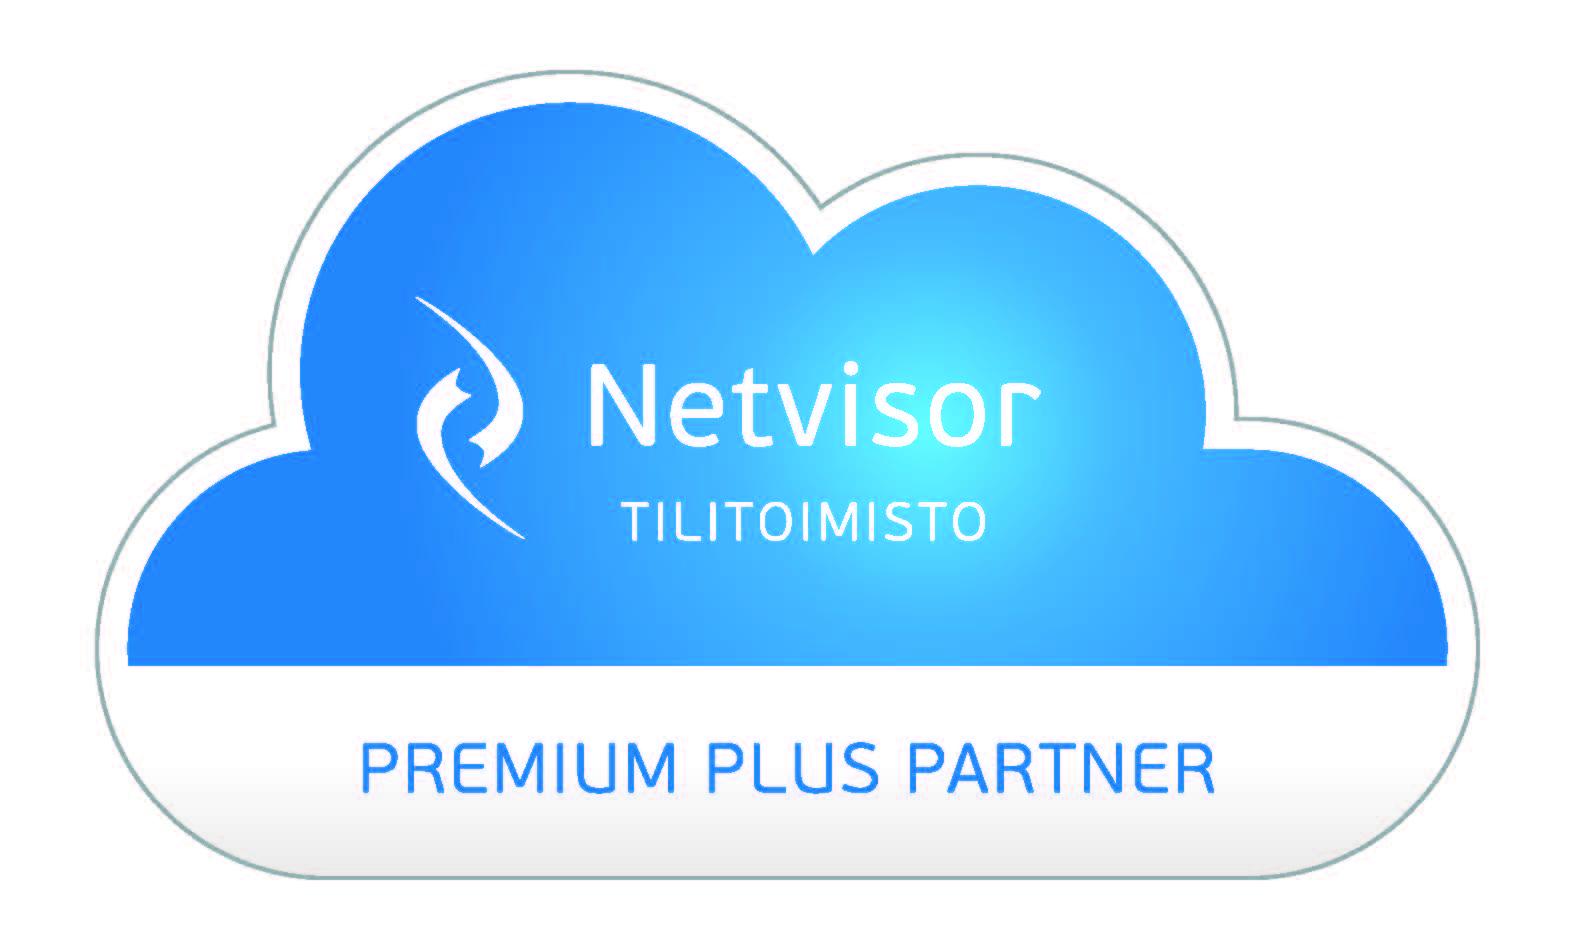 netvisor_tilitoimisto-premium_plus_partner